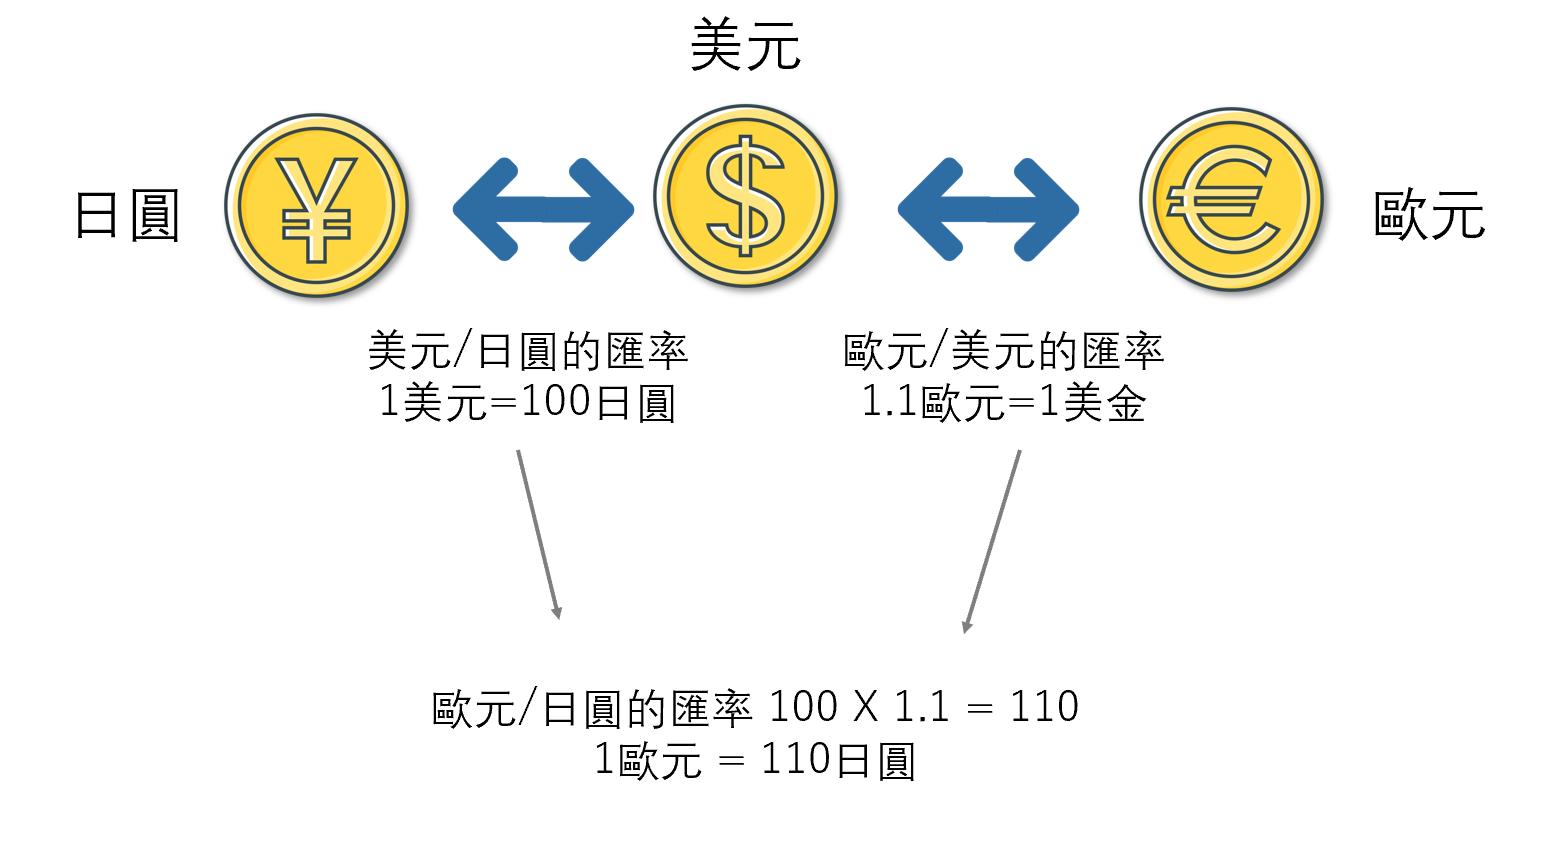 歐元/日圓的匯率計算方法